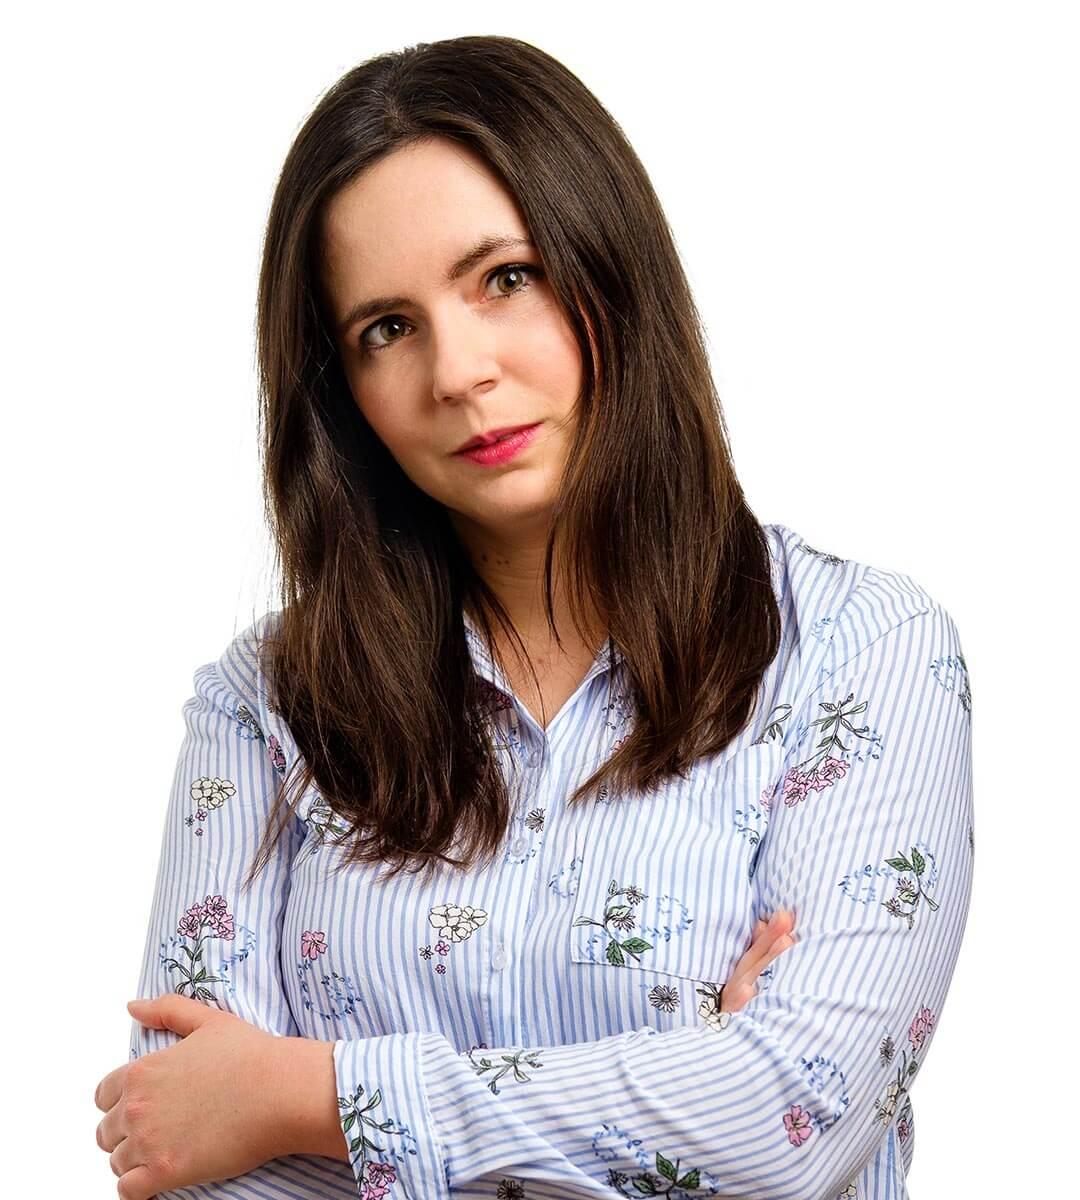 Katarzyna Janoszczyk